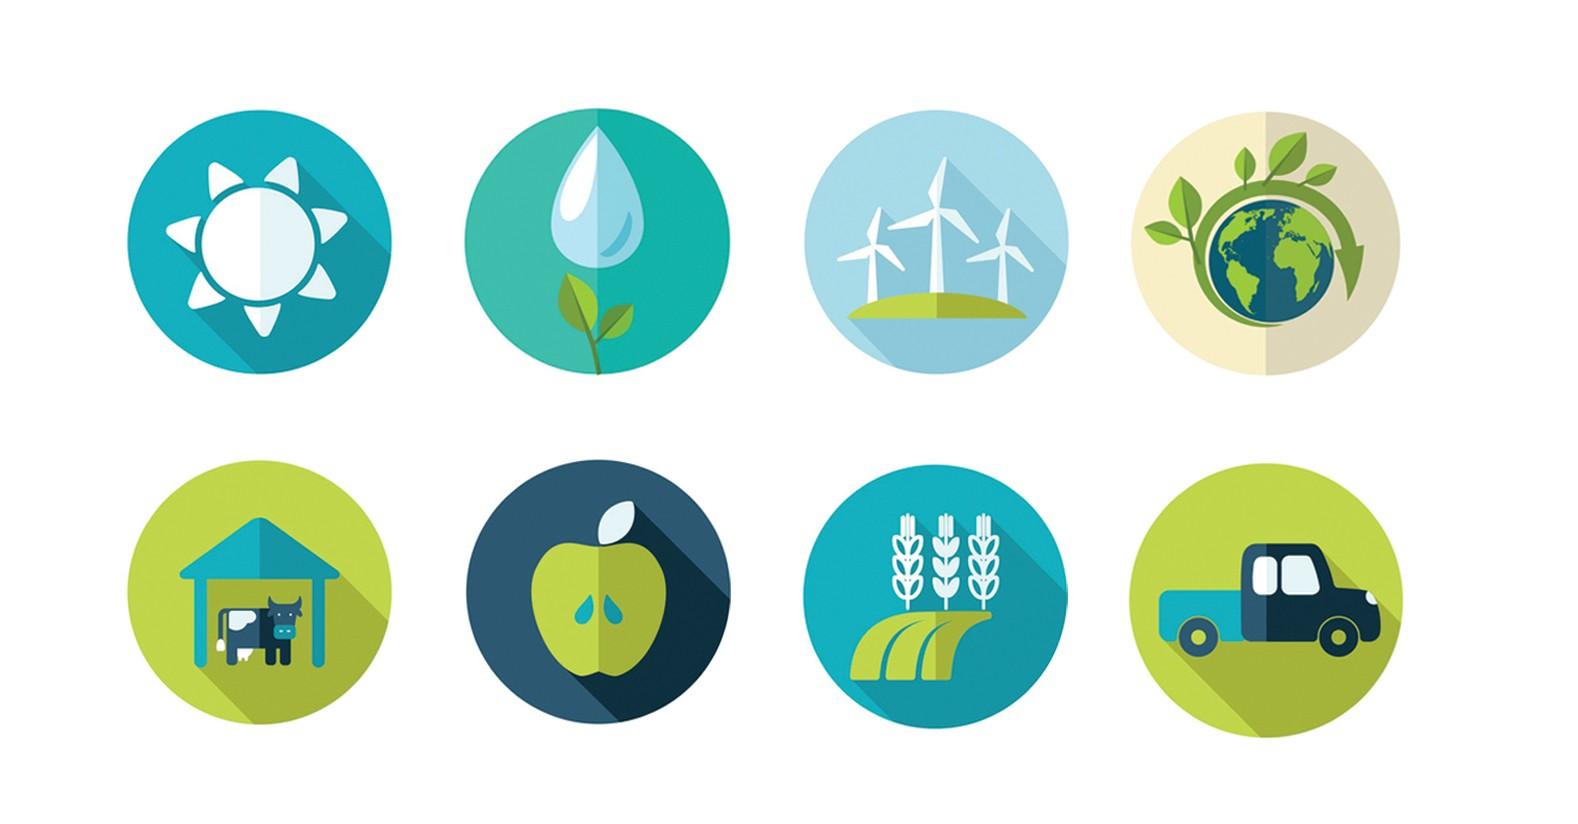 Développement durable, écologie, réchauffement climatique… Des solutions, rien que des solutions